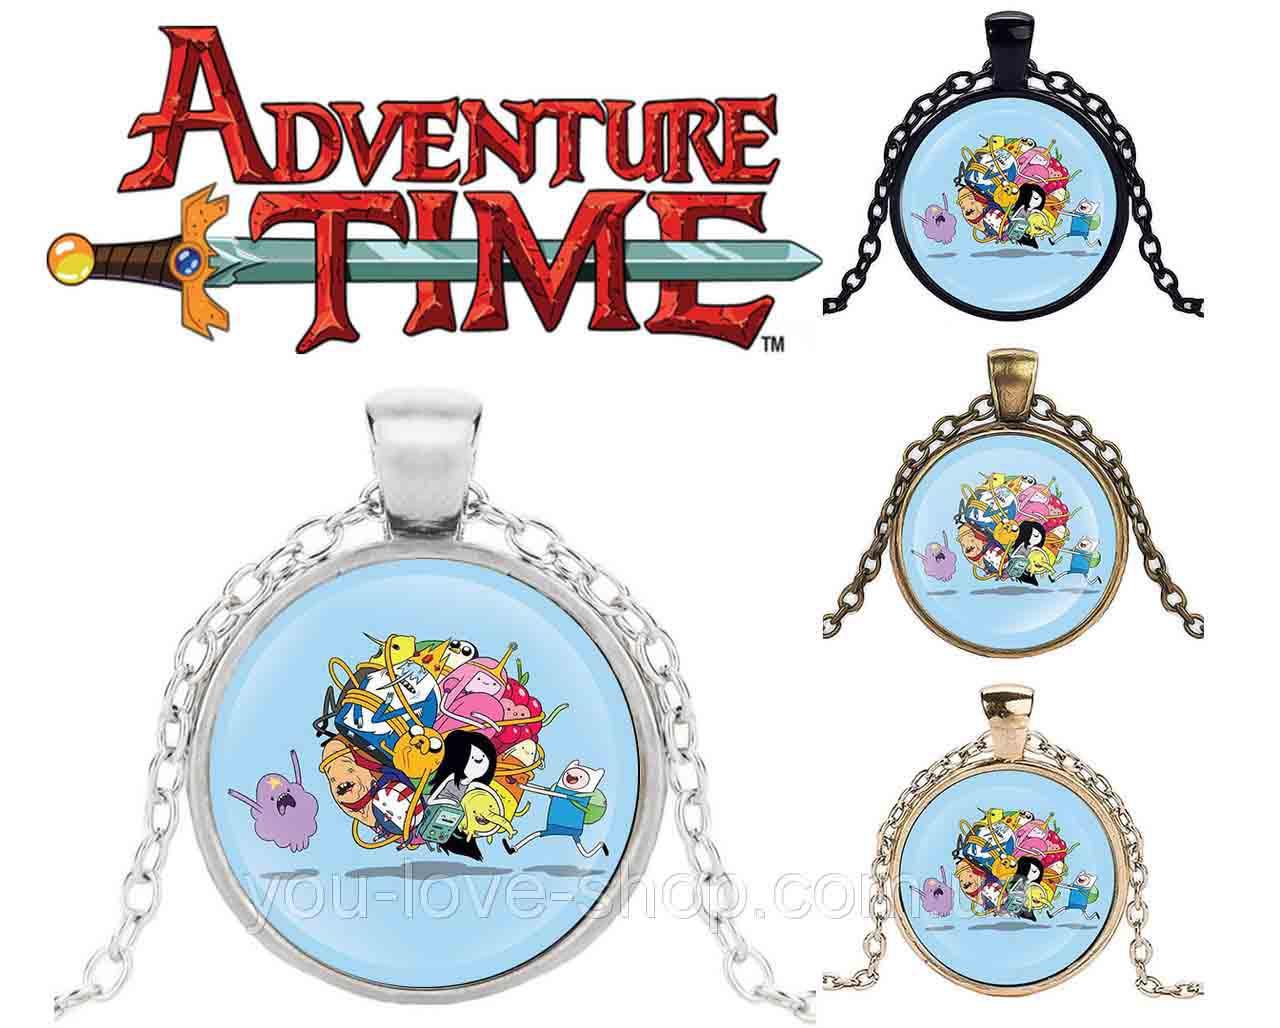 Кулон Adventure time Время приключений